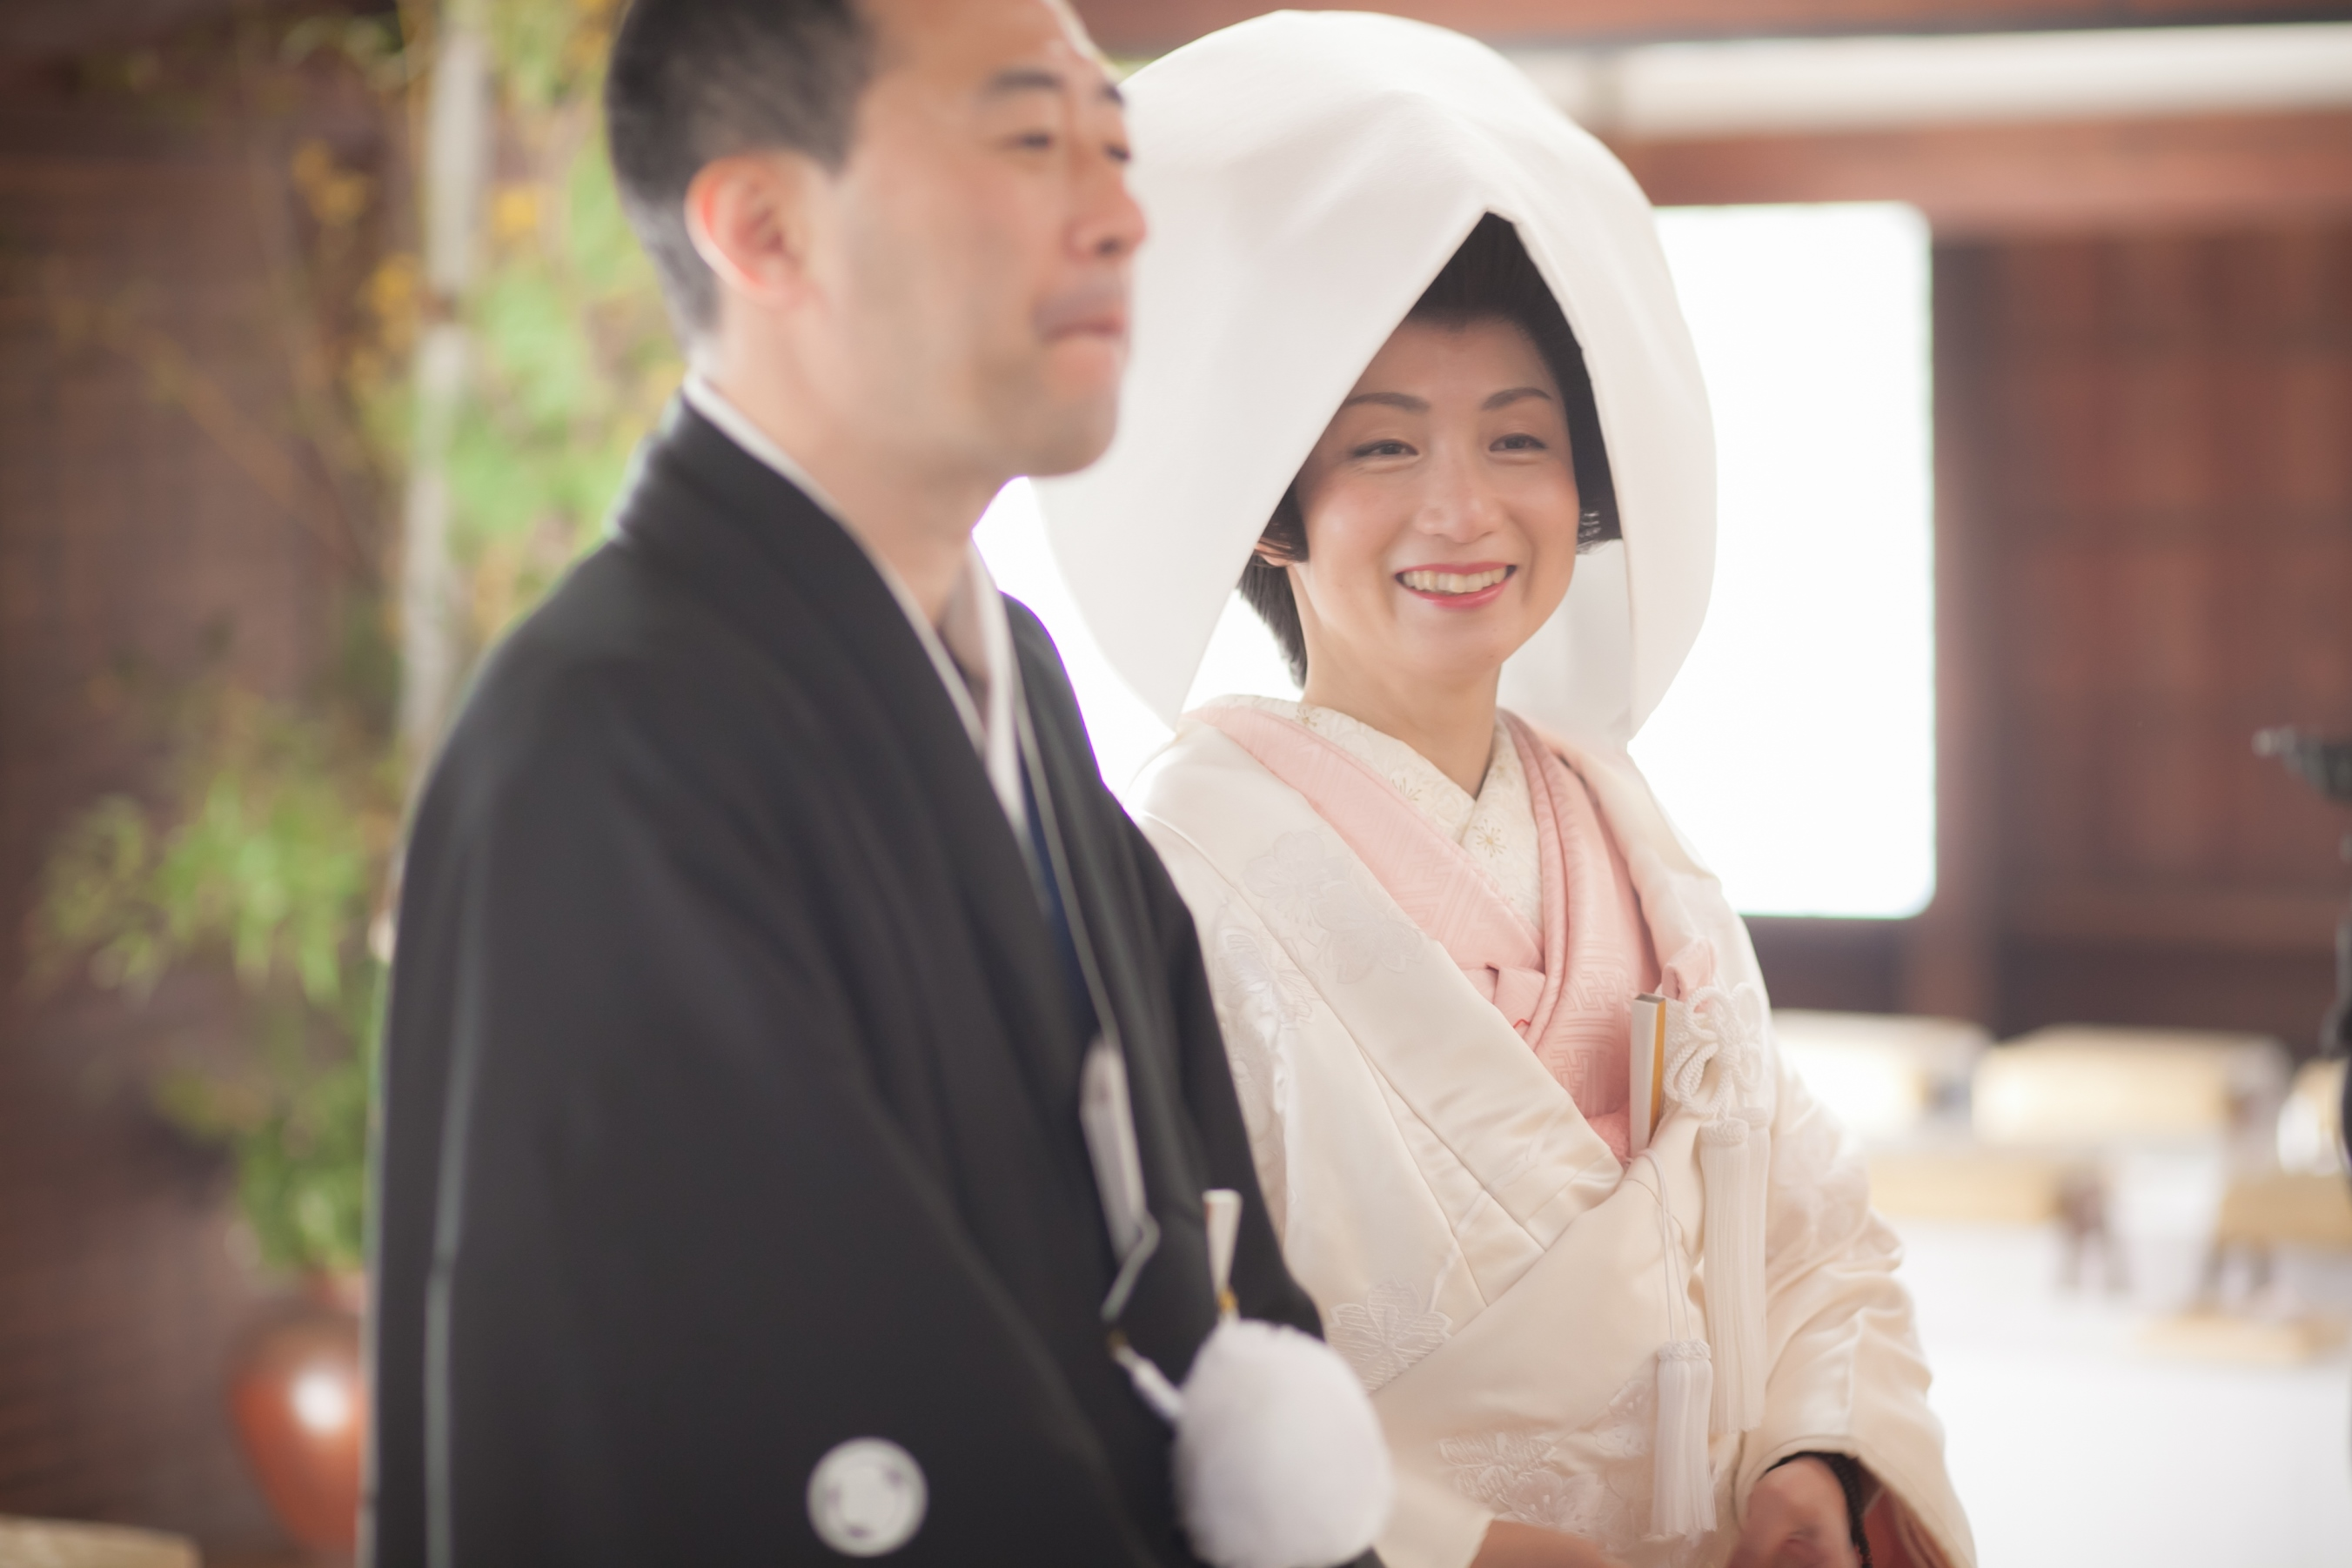 【京都結婚式×写真】結婚式プロカメラマンはやっぱり凄い!